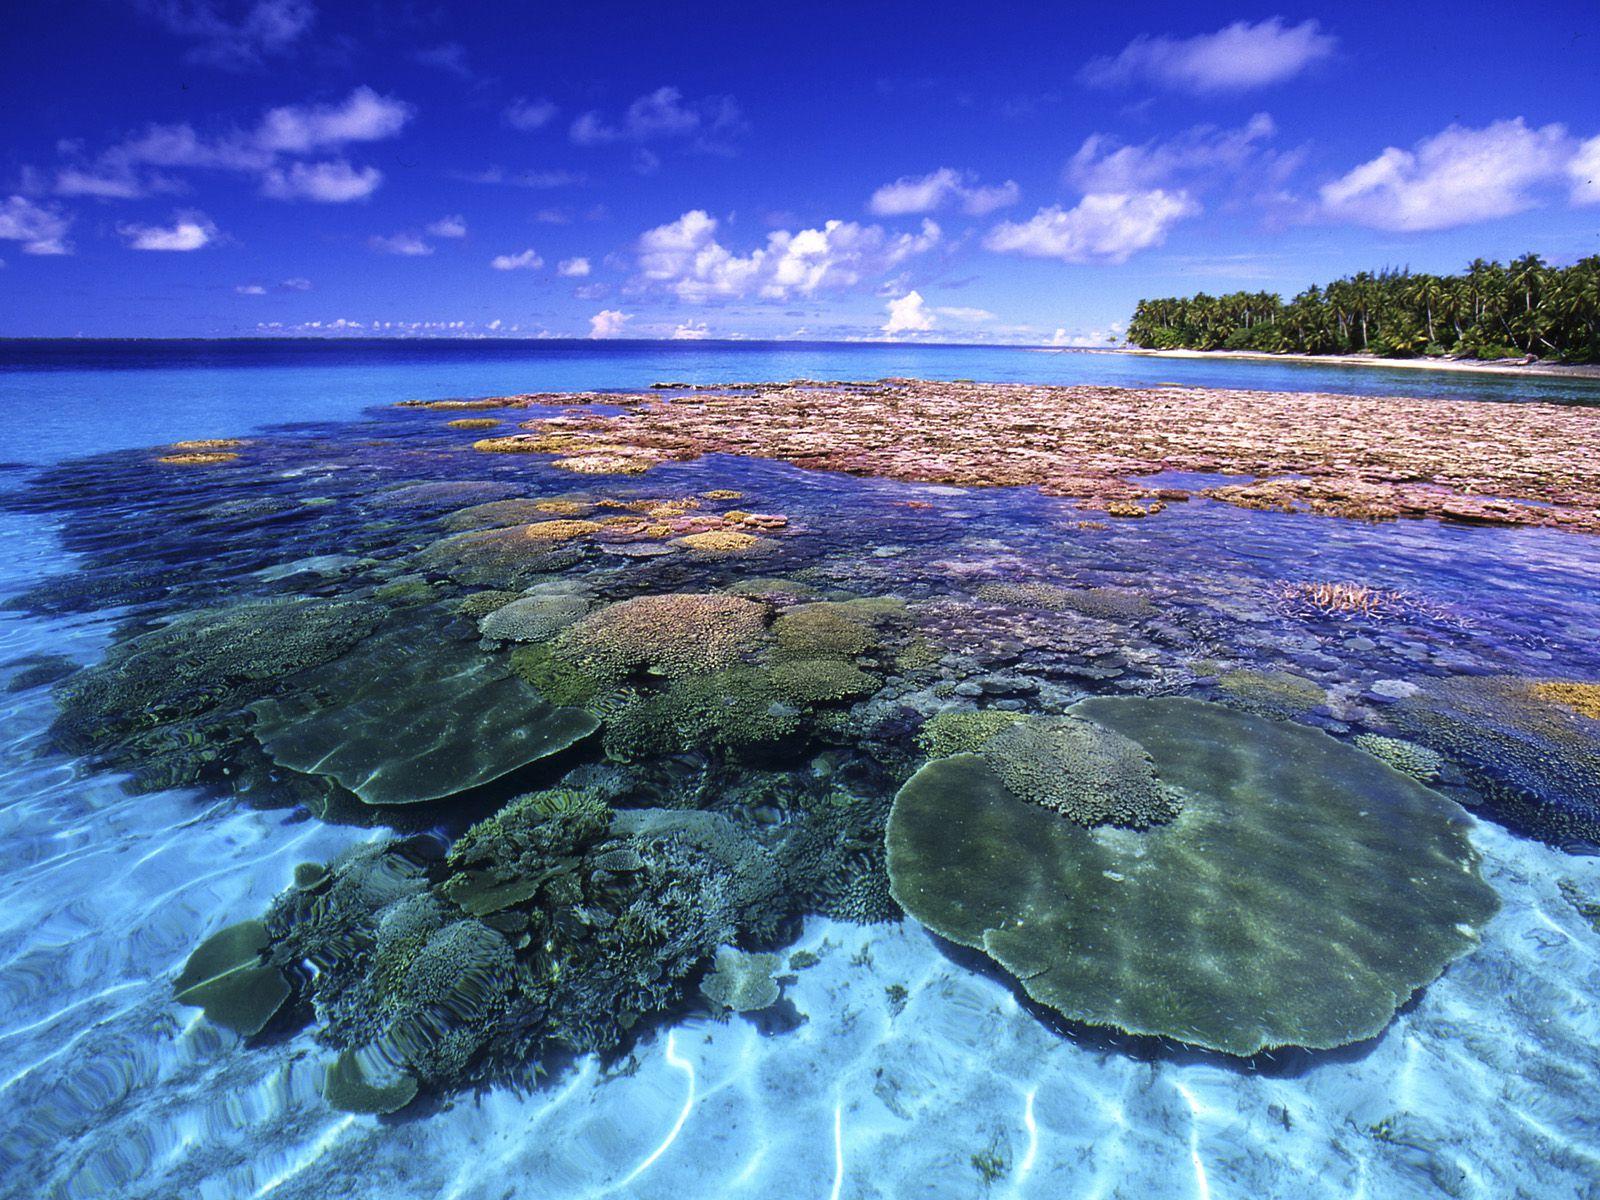 السياحة في جزر مارشال   المرسال